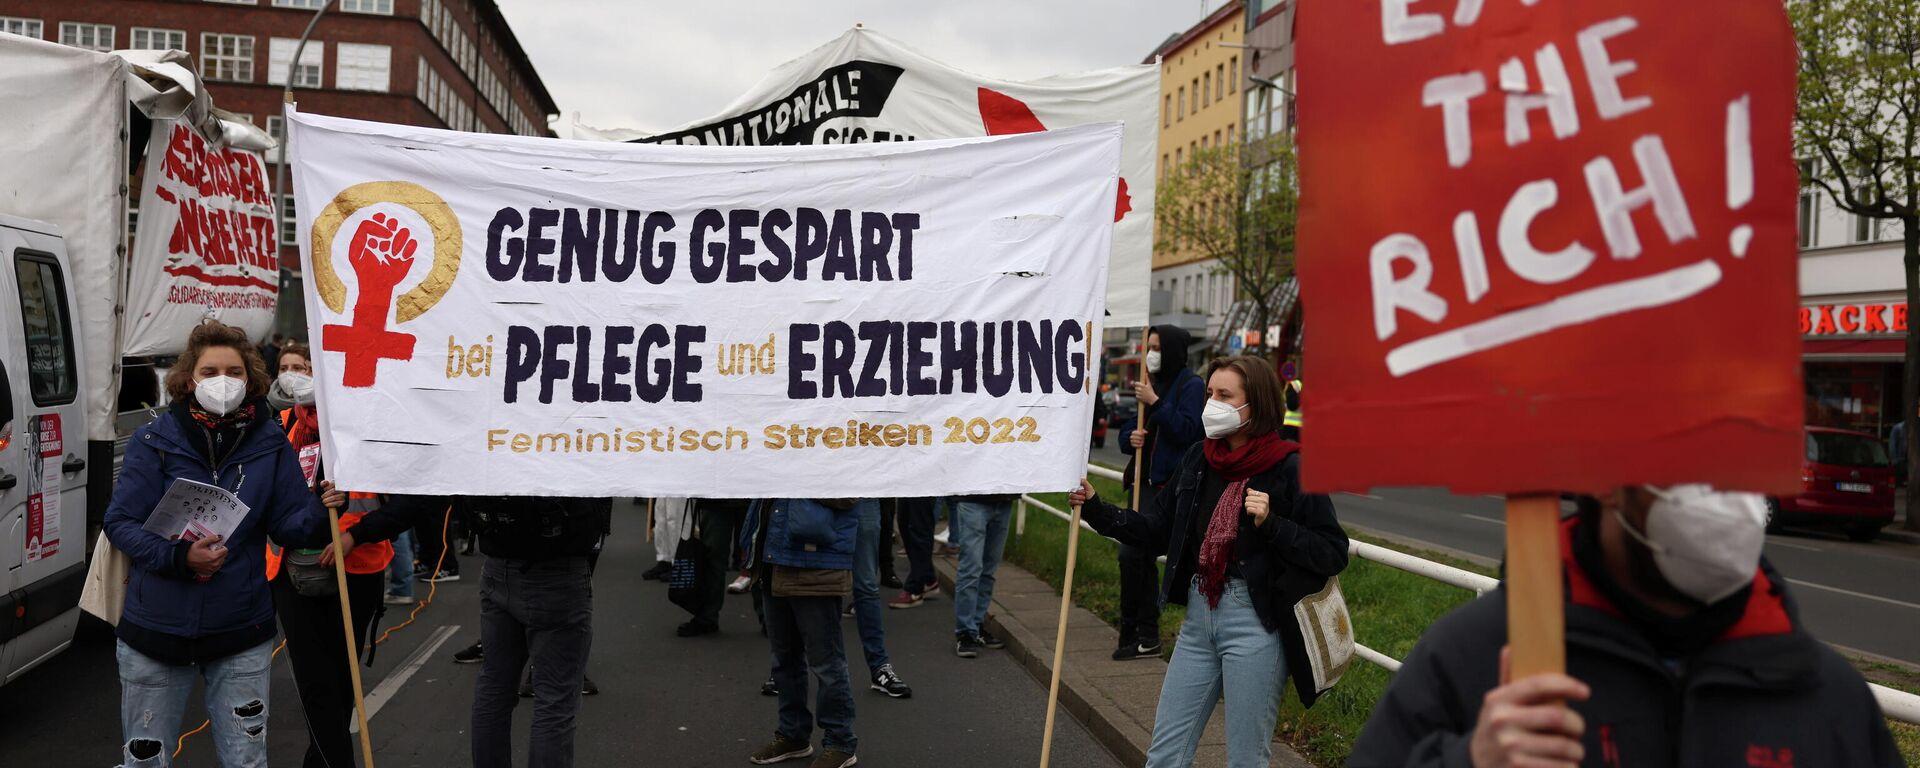 Linke Proteste in Berlin am 30. April 2021 - SNA, 1920, 03.05.2021